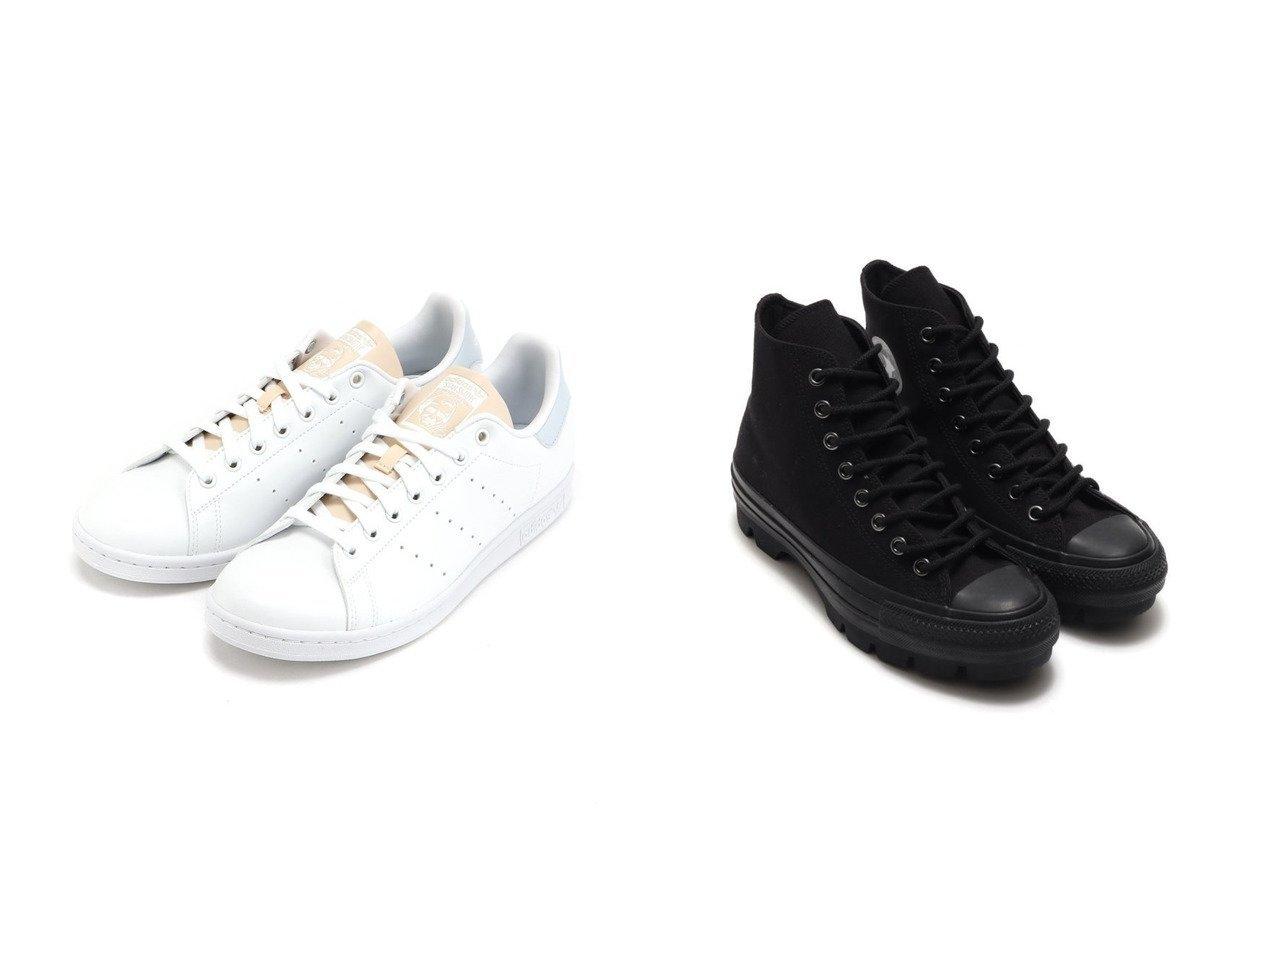 【CONVERSE/コンバース】のCONVERSE ALL STAR 100 CB CHUNK HI&【adidas Originals/アディダス オリジナルス】のスタンスミス STAN SMITH アディダスオリジナルス GV7376 【シューズ・靴】おすすめ!人気、トレンド・レディースファッションの通販 おすすめで人気の流行・トレンド、ファッションの通販商品 メンズファッション・キッズファッション・インテリア・家具・レディースファッション・服の通販 founy(ファニー) https://founy.com/ ファッション Fashion レディースファッション WOMEN アンクル キャンバス シューズ スニーカー スリッポン パッチ クラシック シンプル スポーツ 定番 Standard ミックス NEW・新作・新着・新入荷 New Arrivals |ID:crp329100000036730